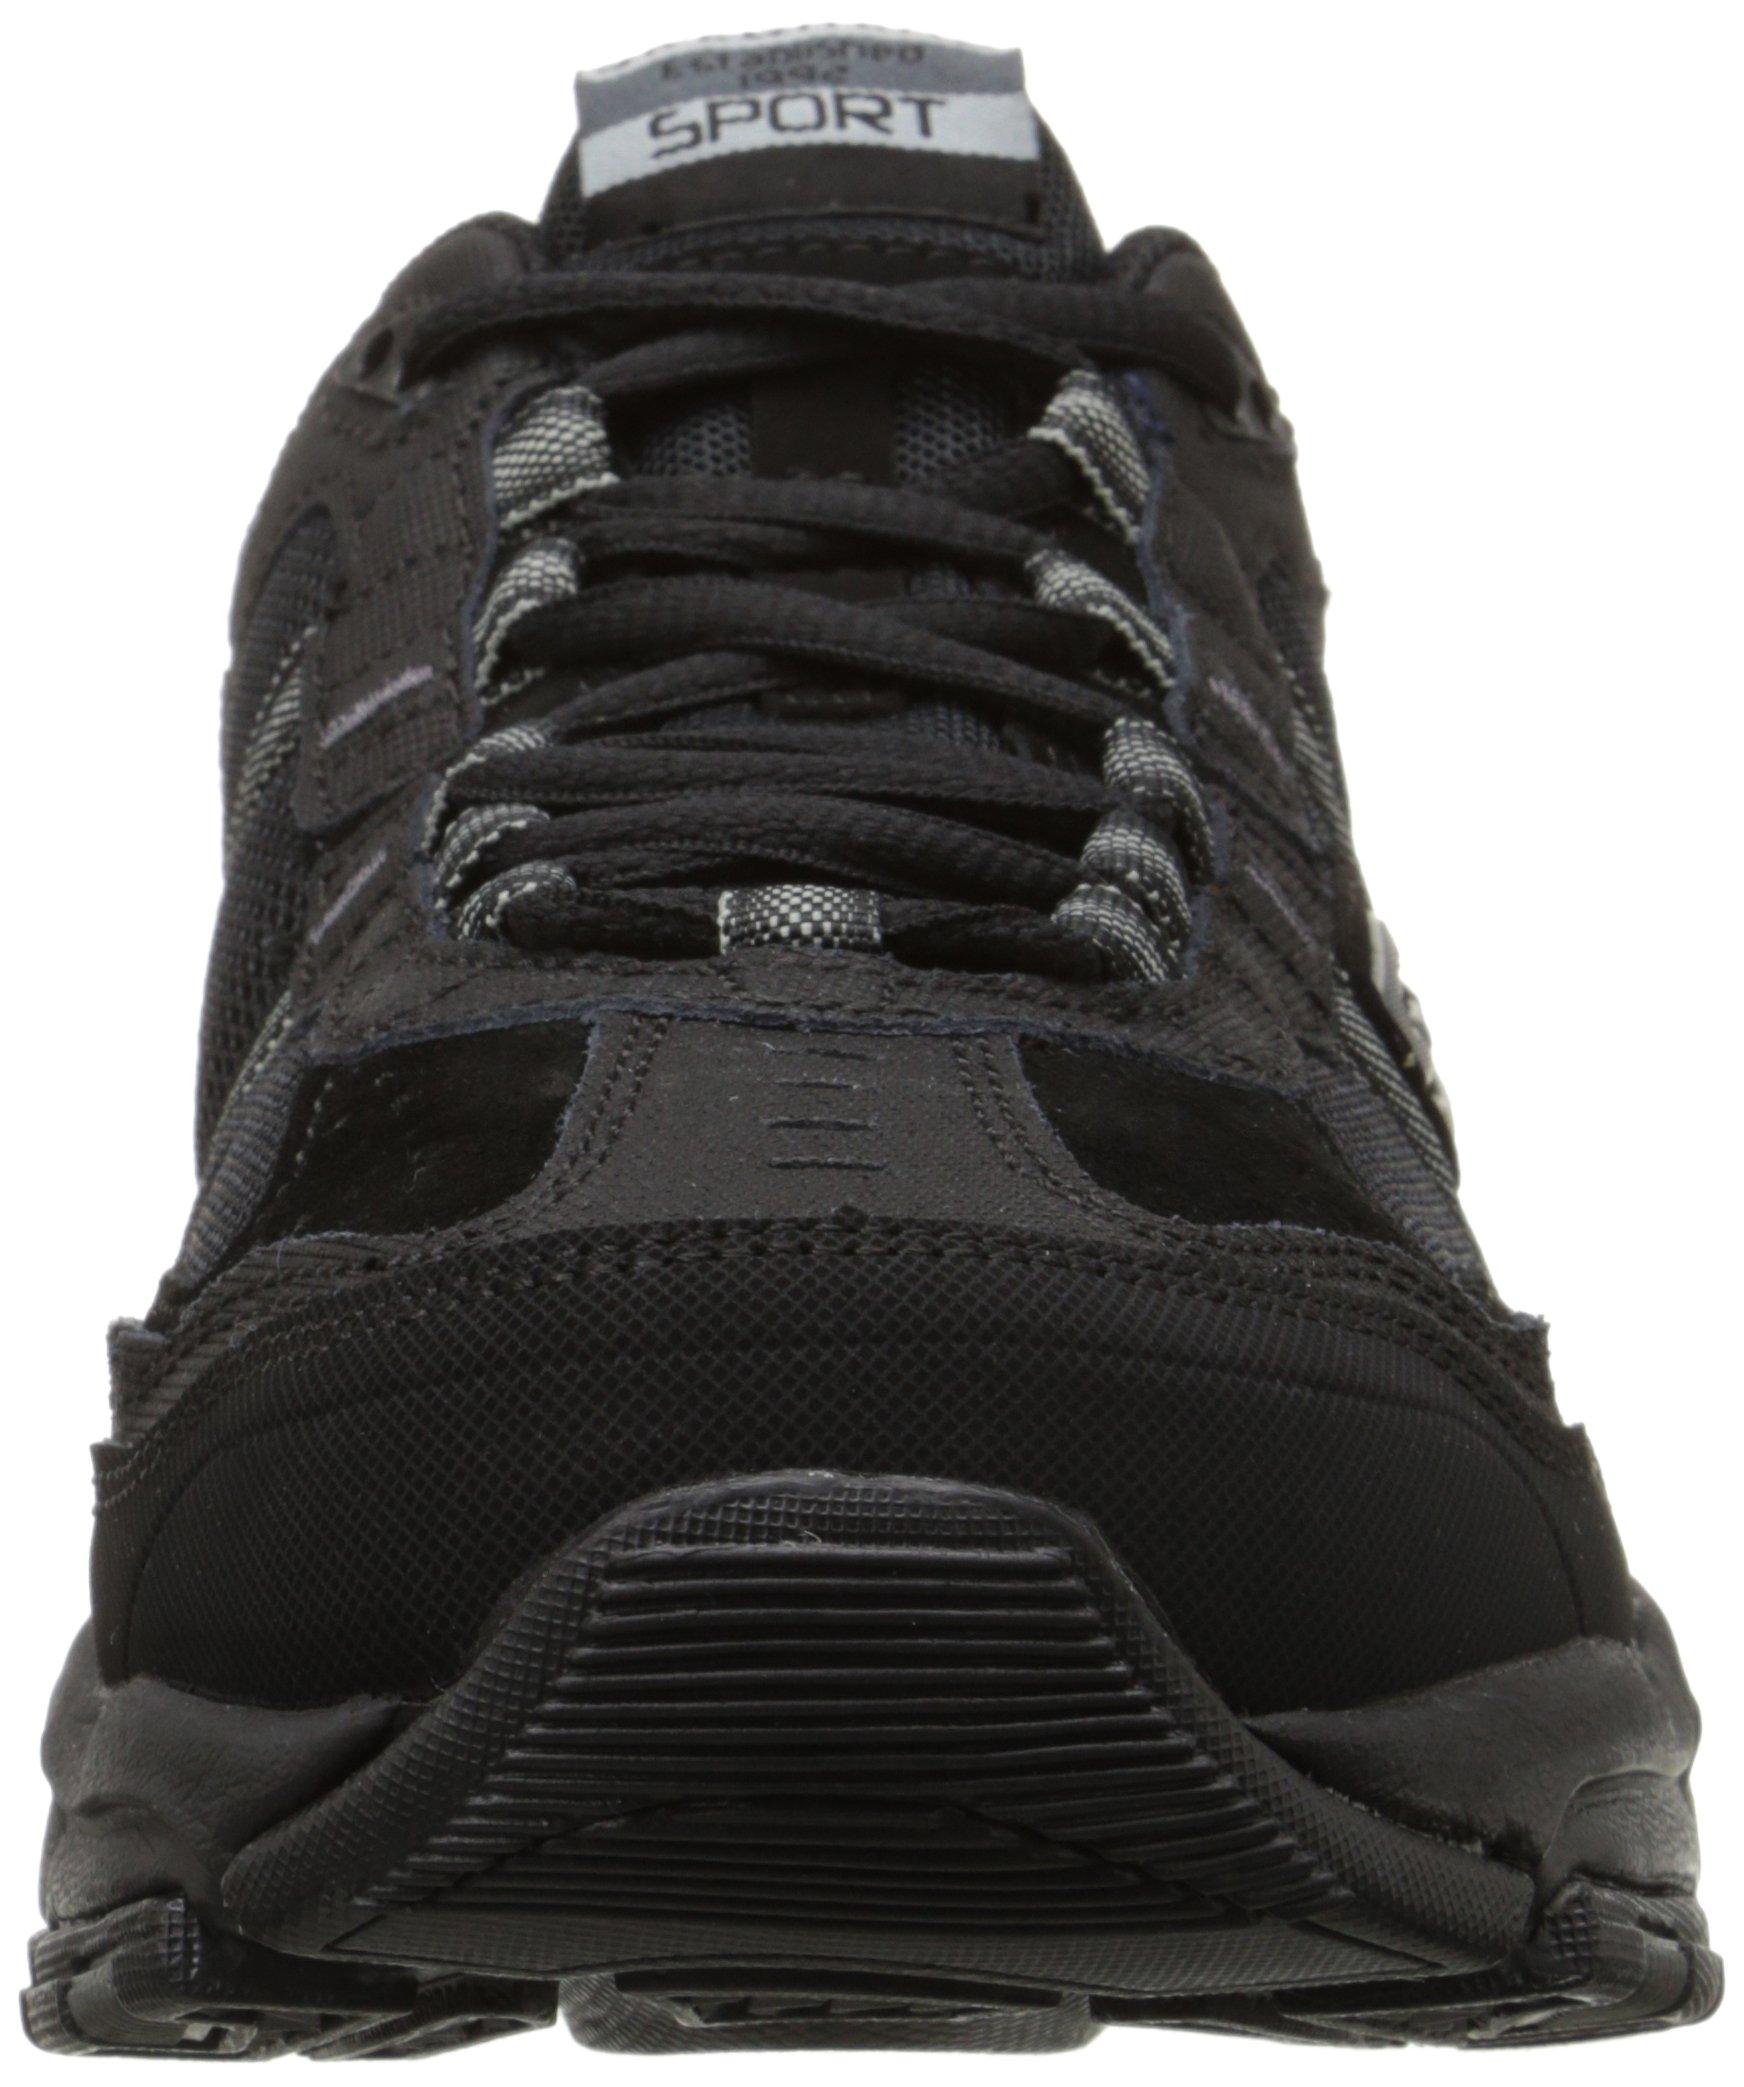 Skechers Sport Men's Vigor 2.0 Trait Memory Foam Sneaker, Black, 12 M US by Skechers (Image #4)